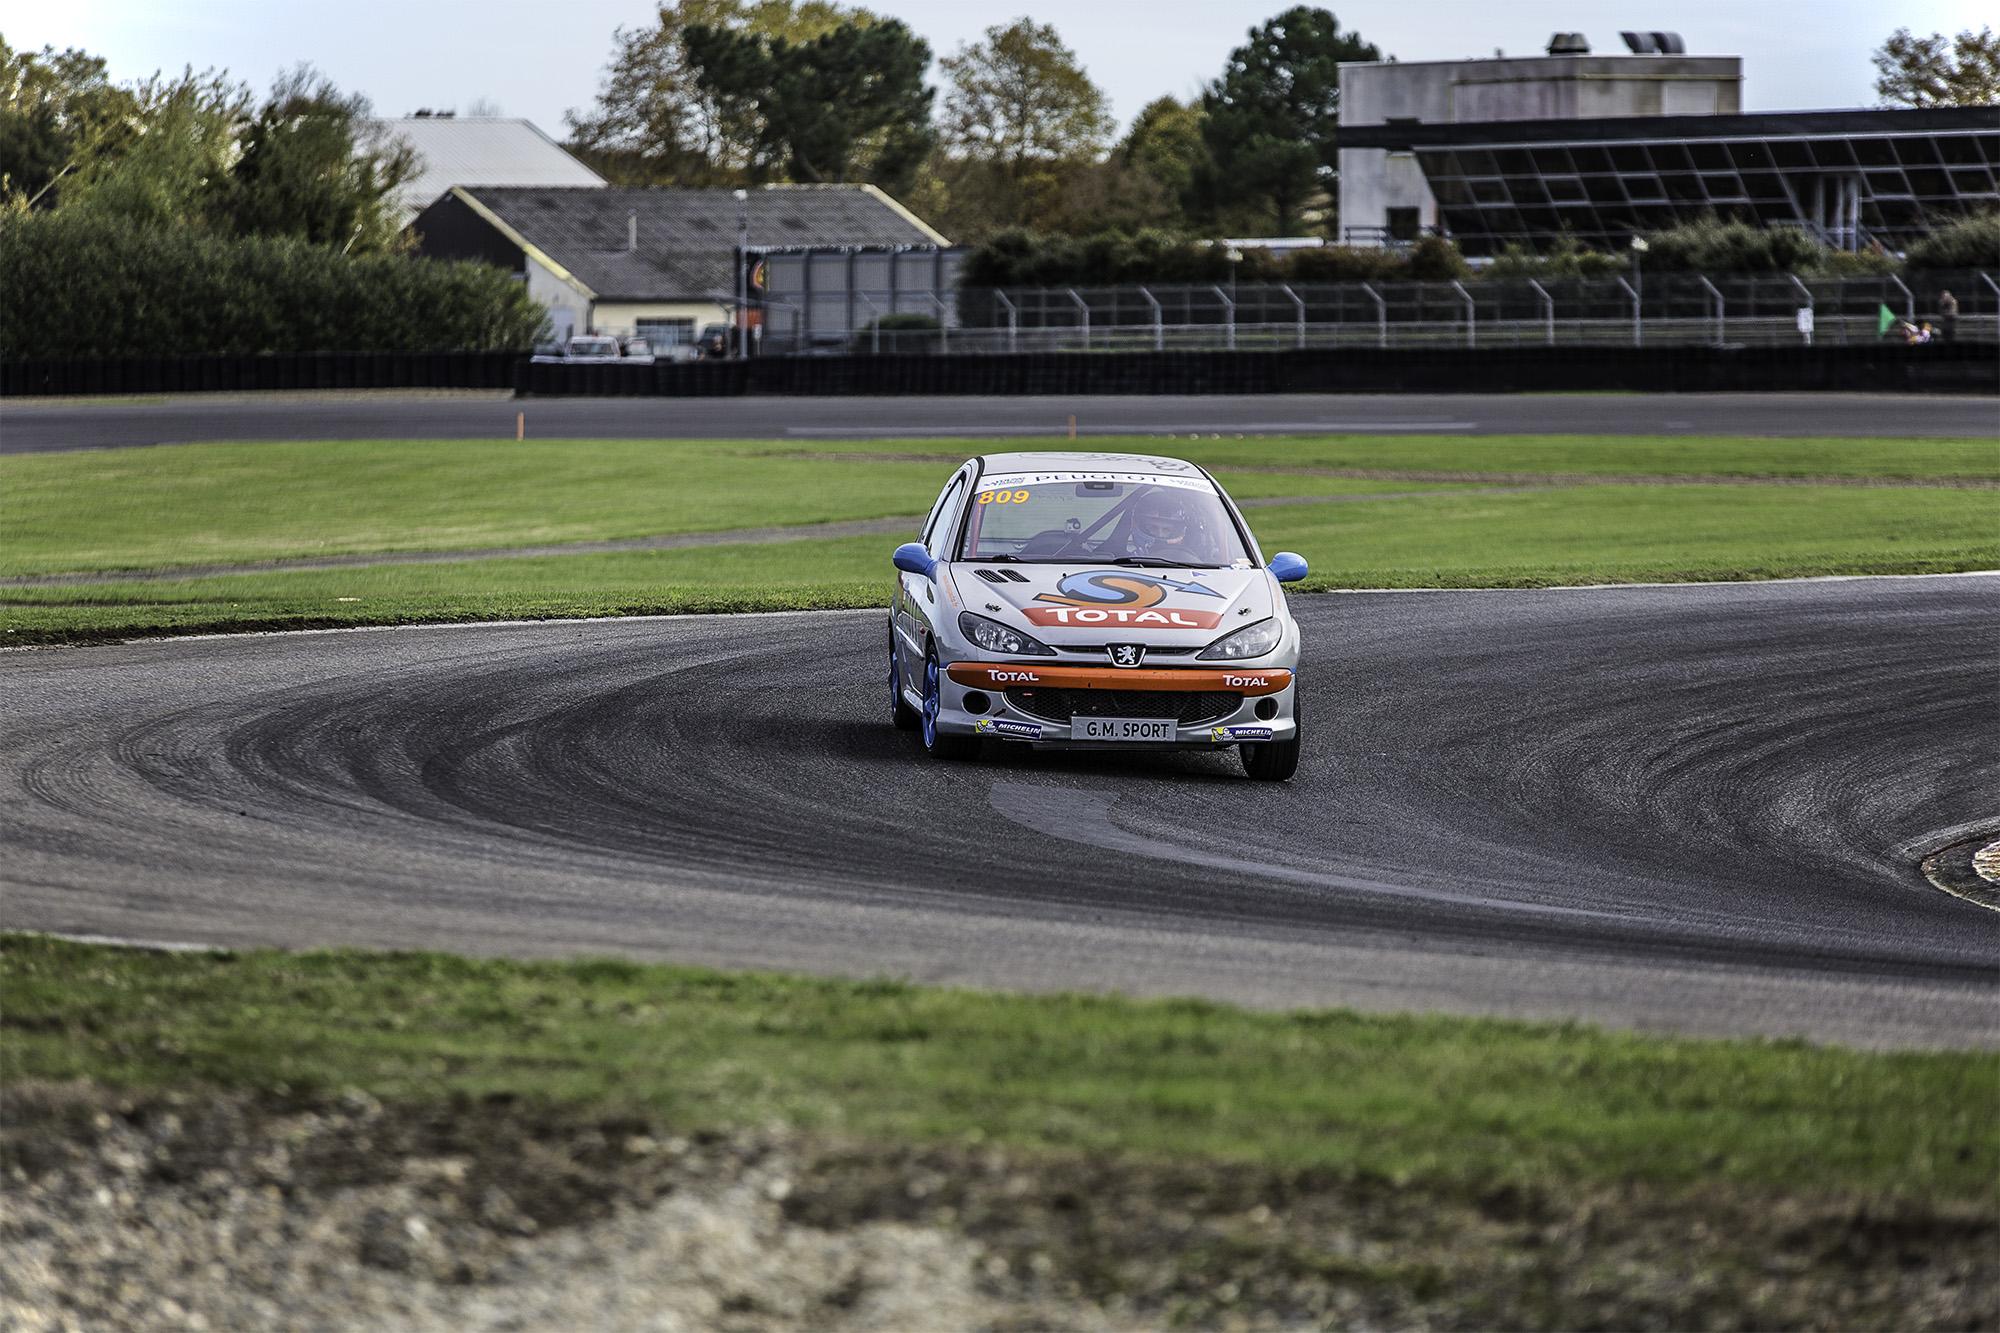 Rencontres Peugeot Sport : le lion rugit sur le circuit de Nogaro